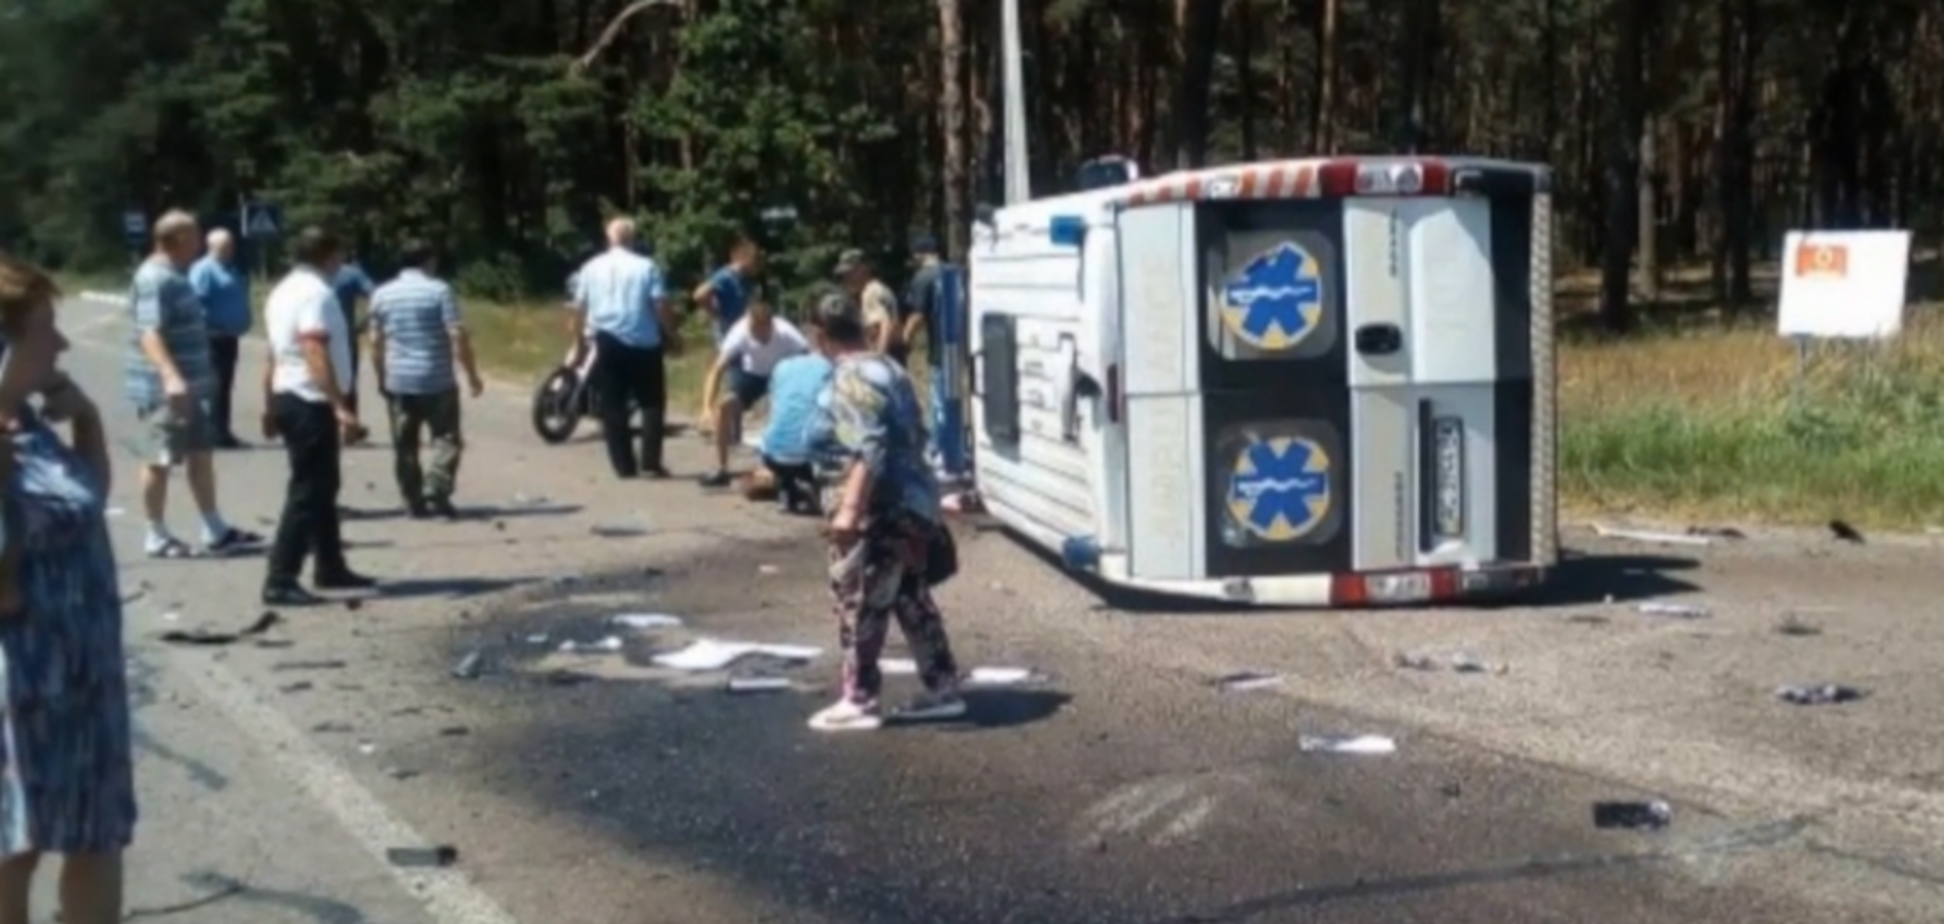 На Волыни скорая влетела в грузовик: есть погибшие и пострадавшие. Видео 18+